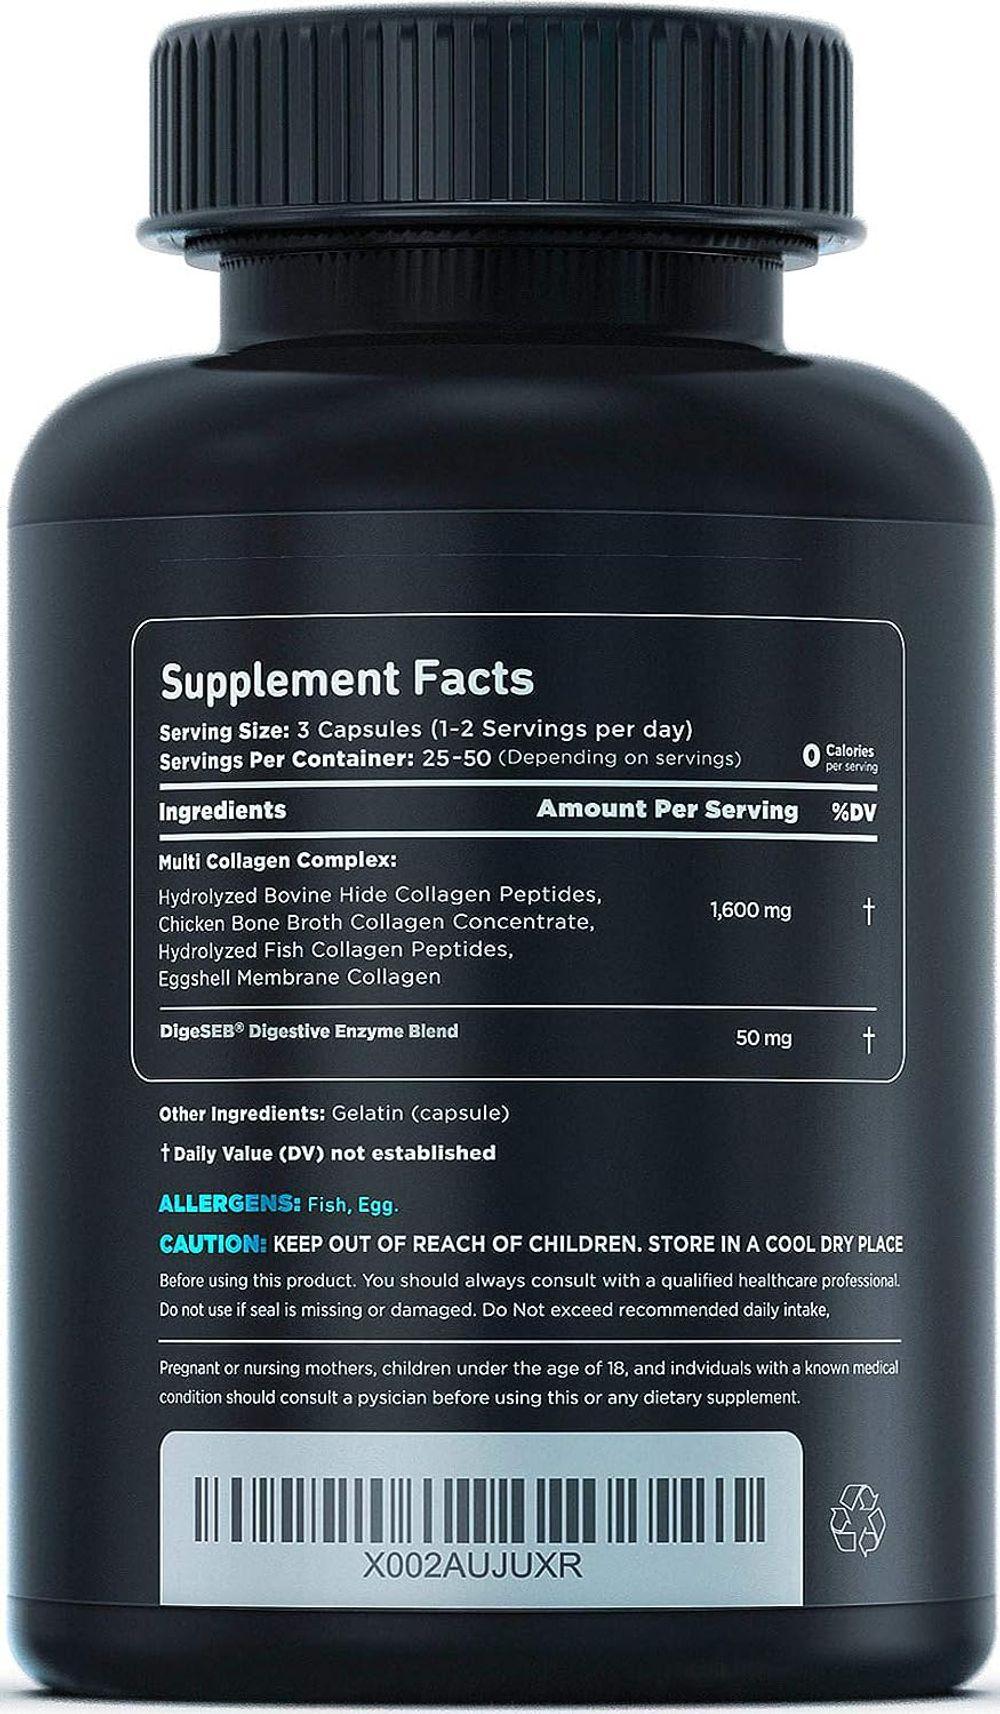 Vital Vitamins Multi Collagen Complex - Type I, II, III, V, X, Grass Fed, Non-GMO, 150 Capsules